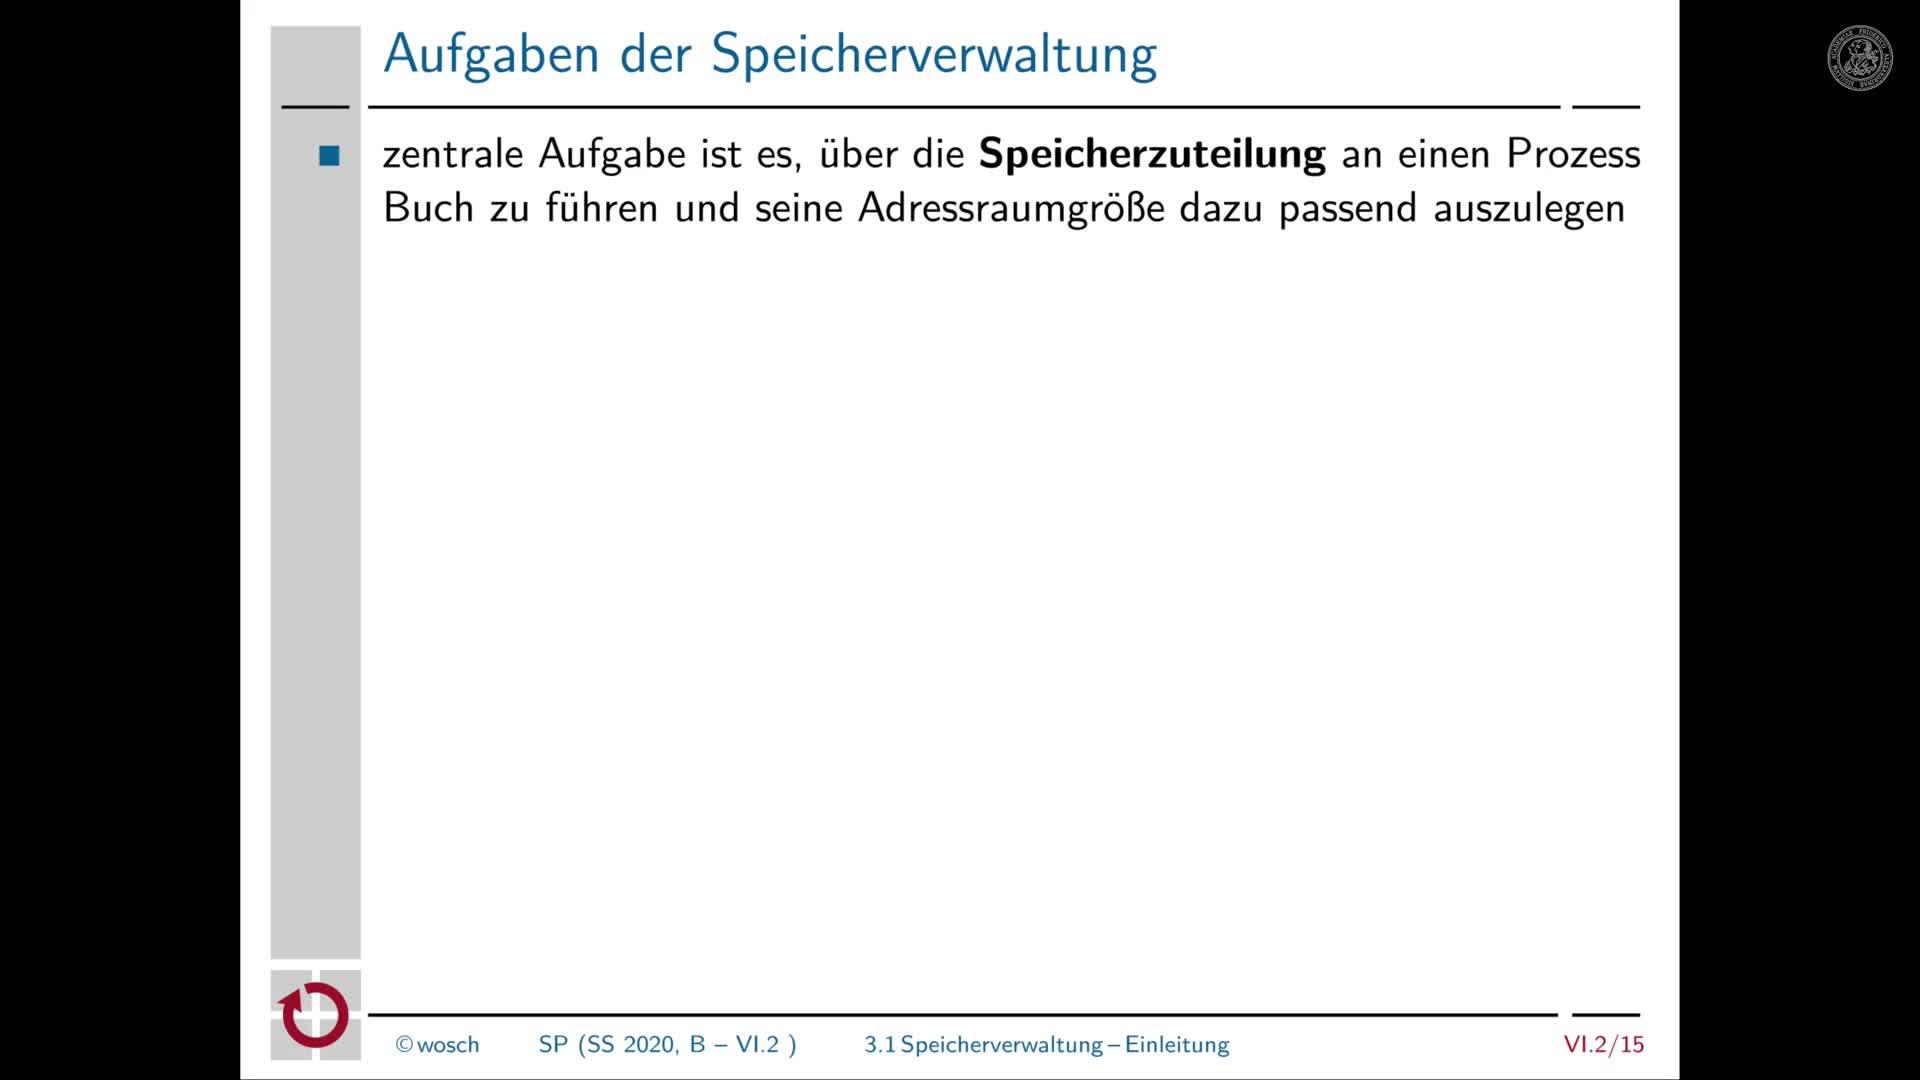 6.2.4 Speicher: Einleitung zur Speicherverwaltung preview image